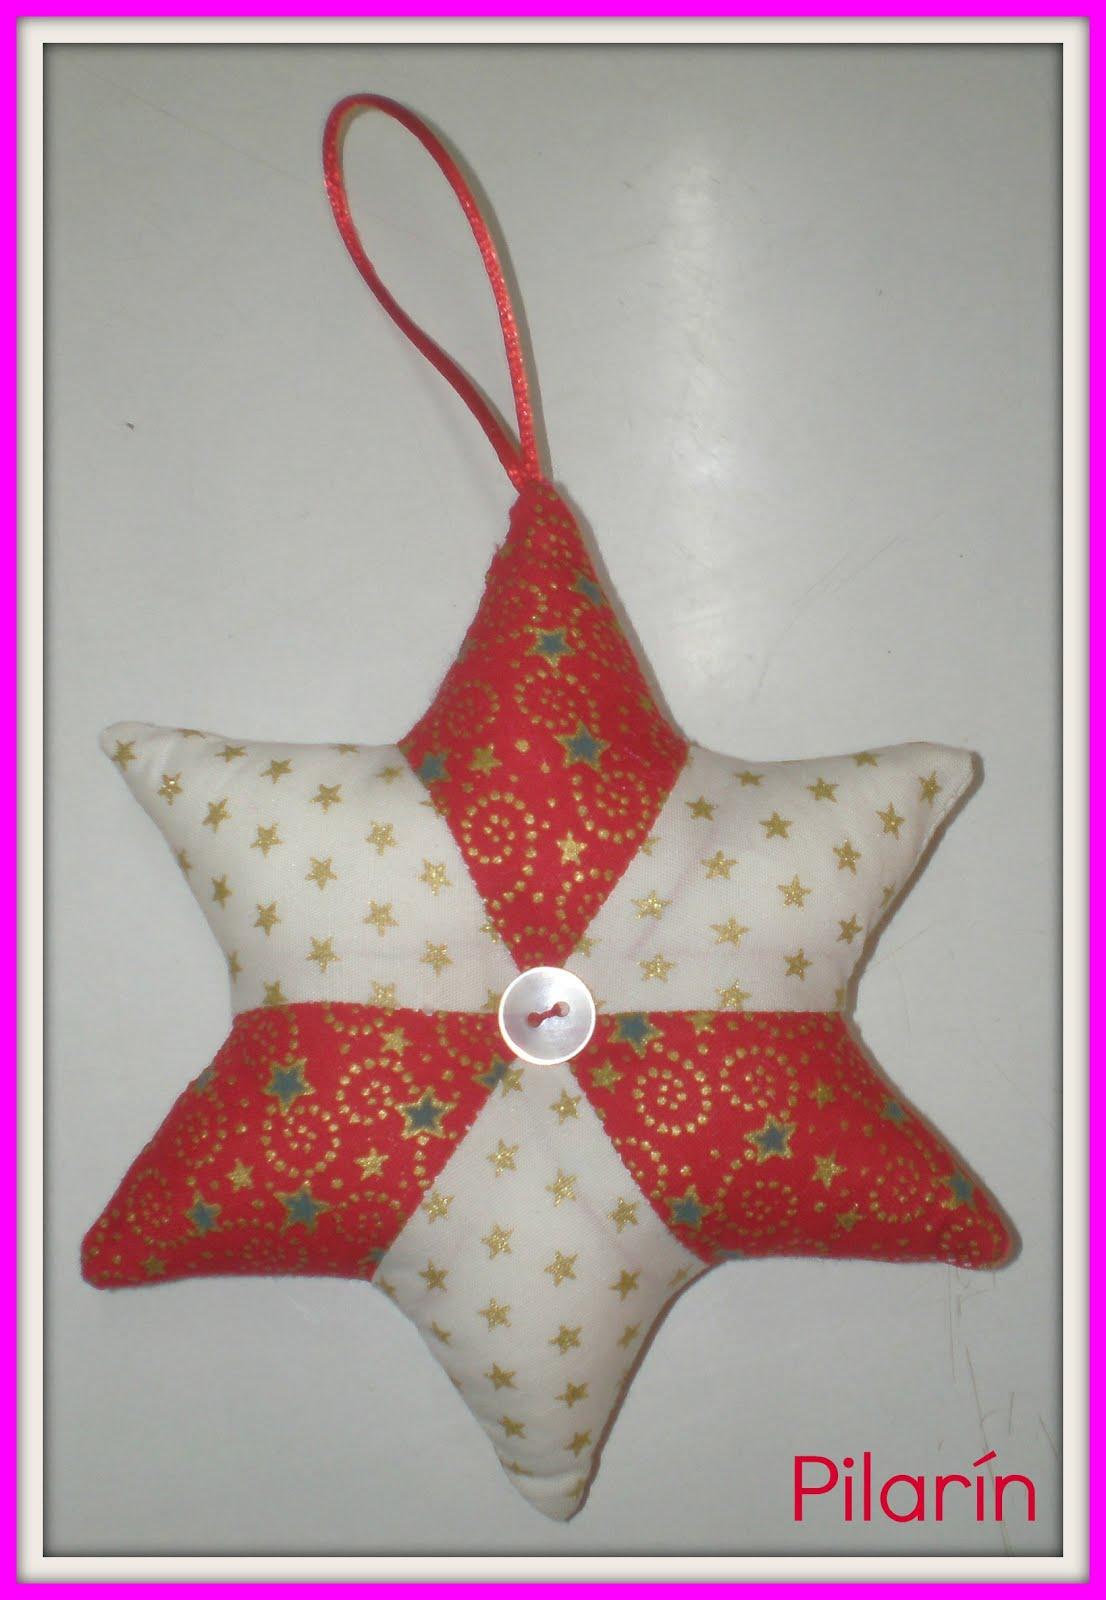 Estrella de 6 puntas